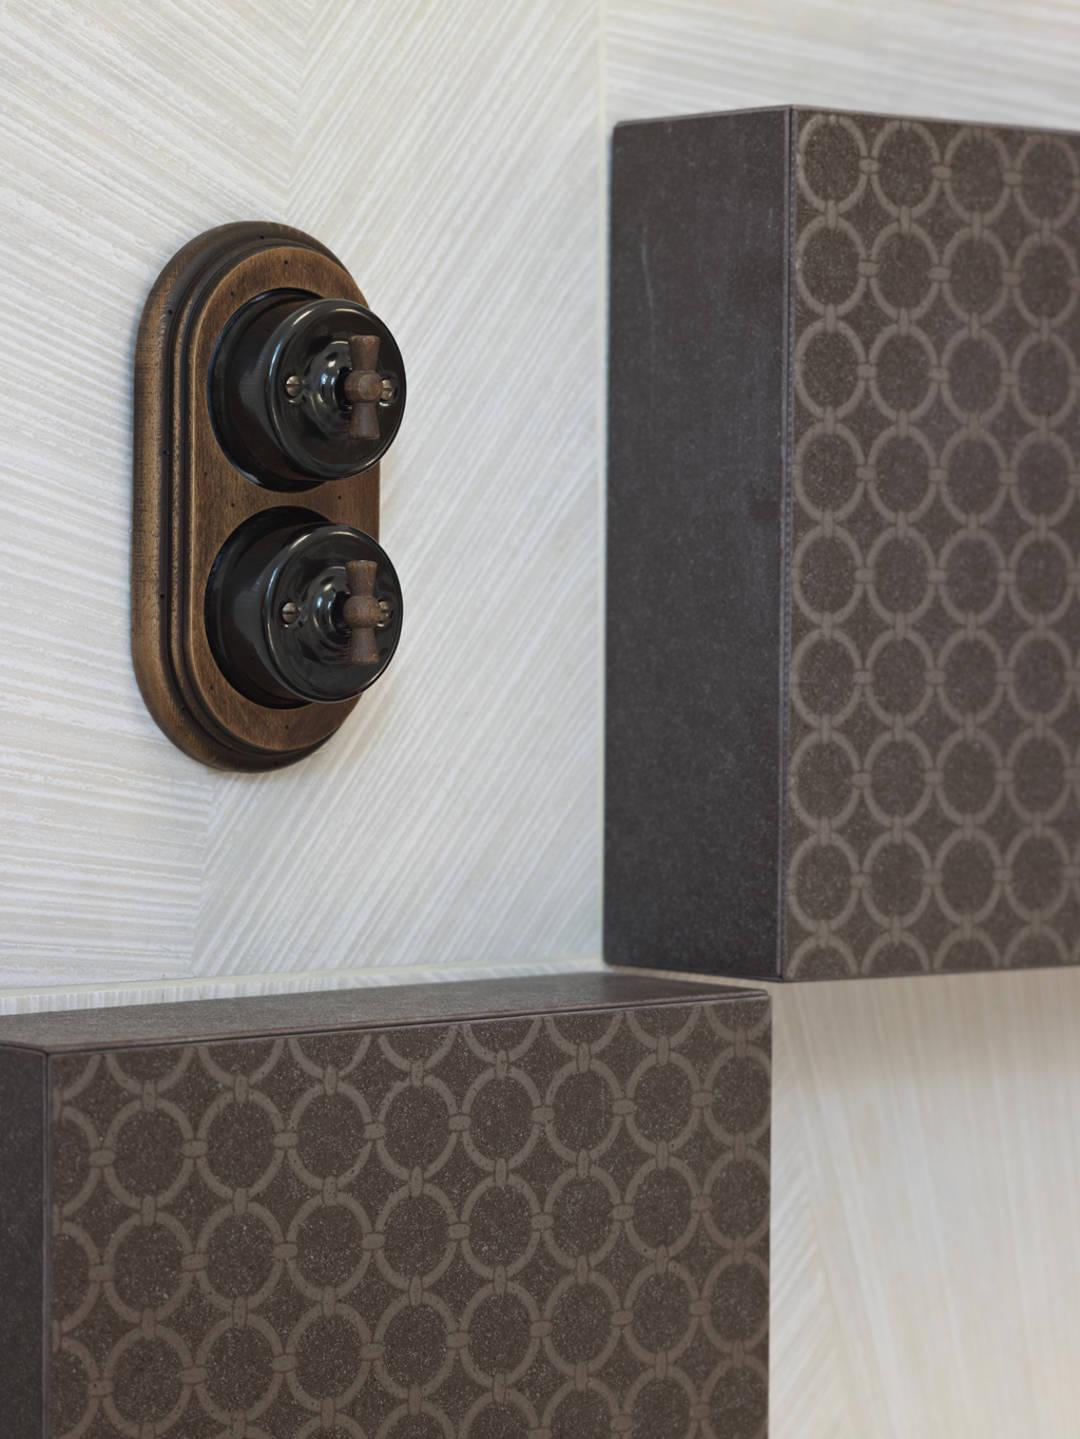 interruptors antics marrons, sobre rajoles gris i marró. 645